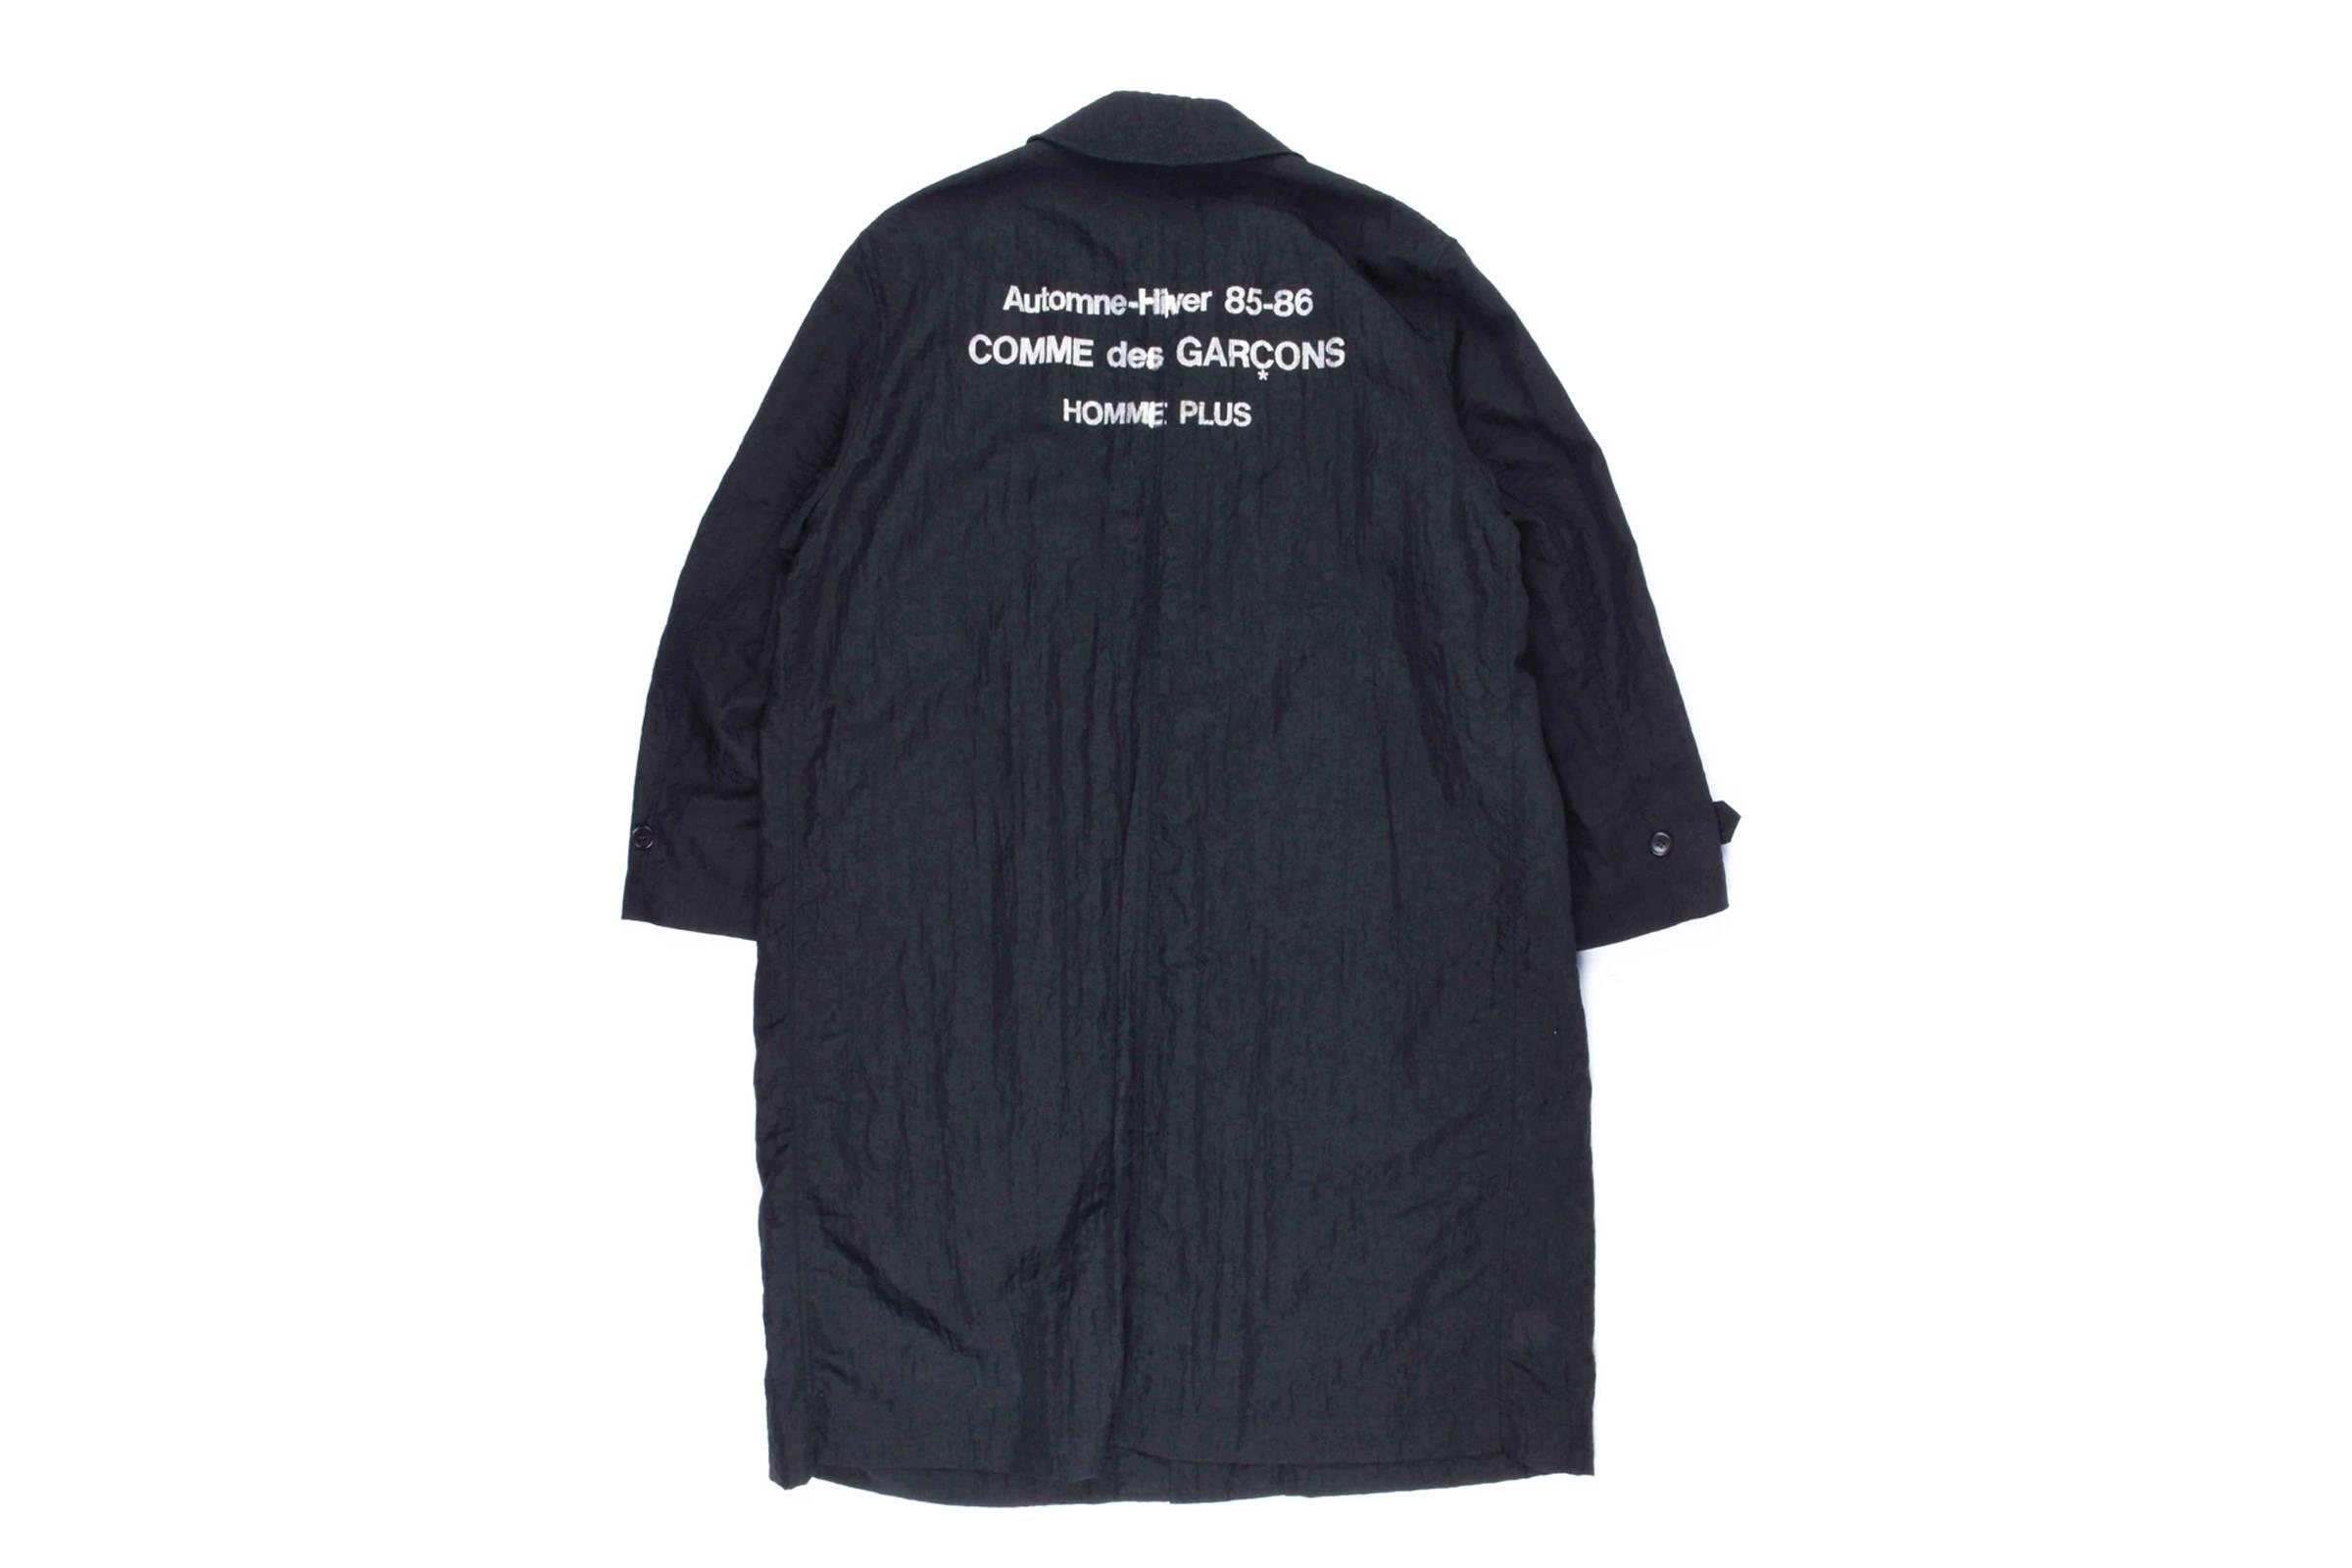 Comme des Garçons Homme Plus Staff Jacket